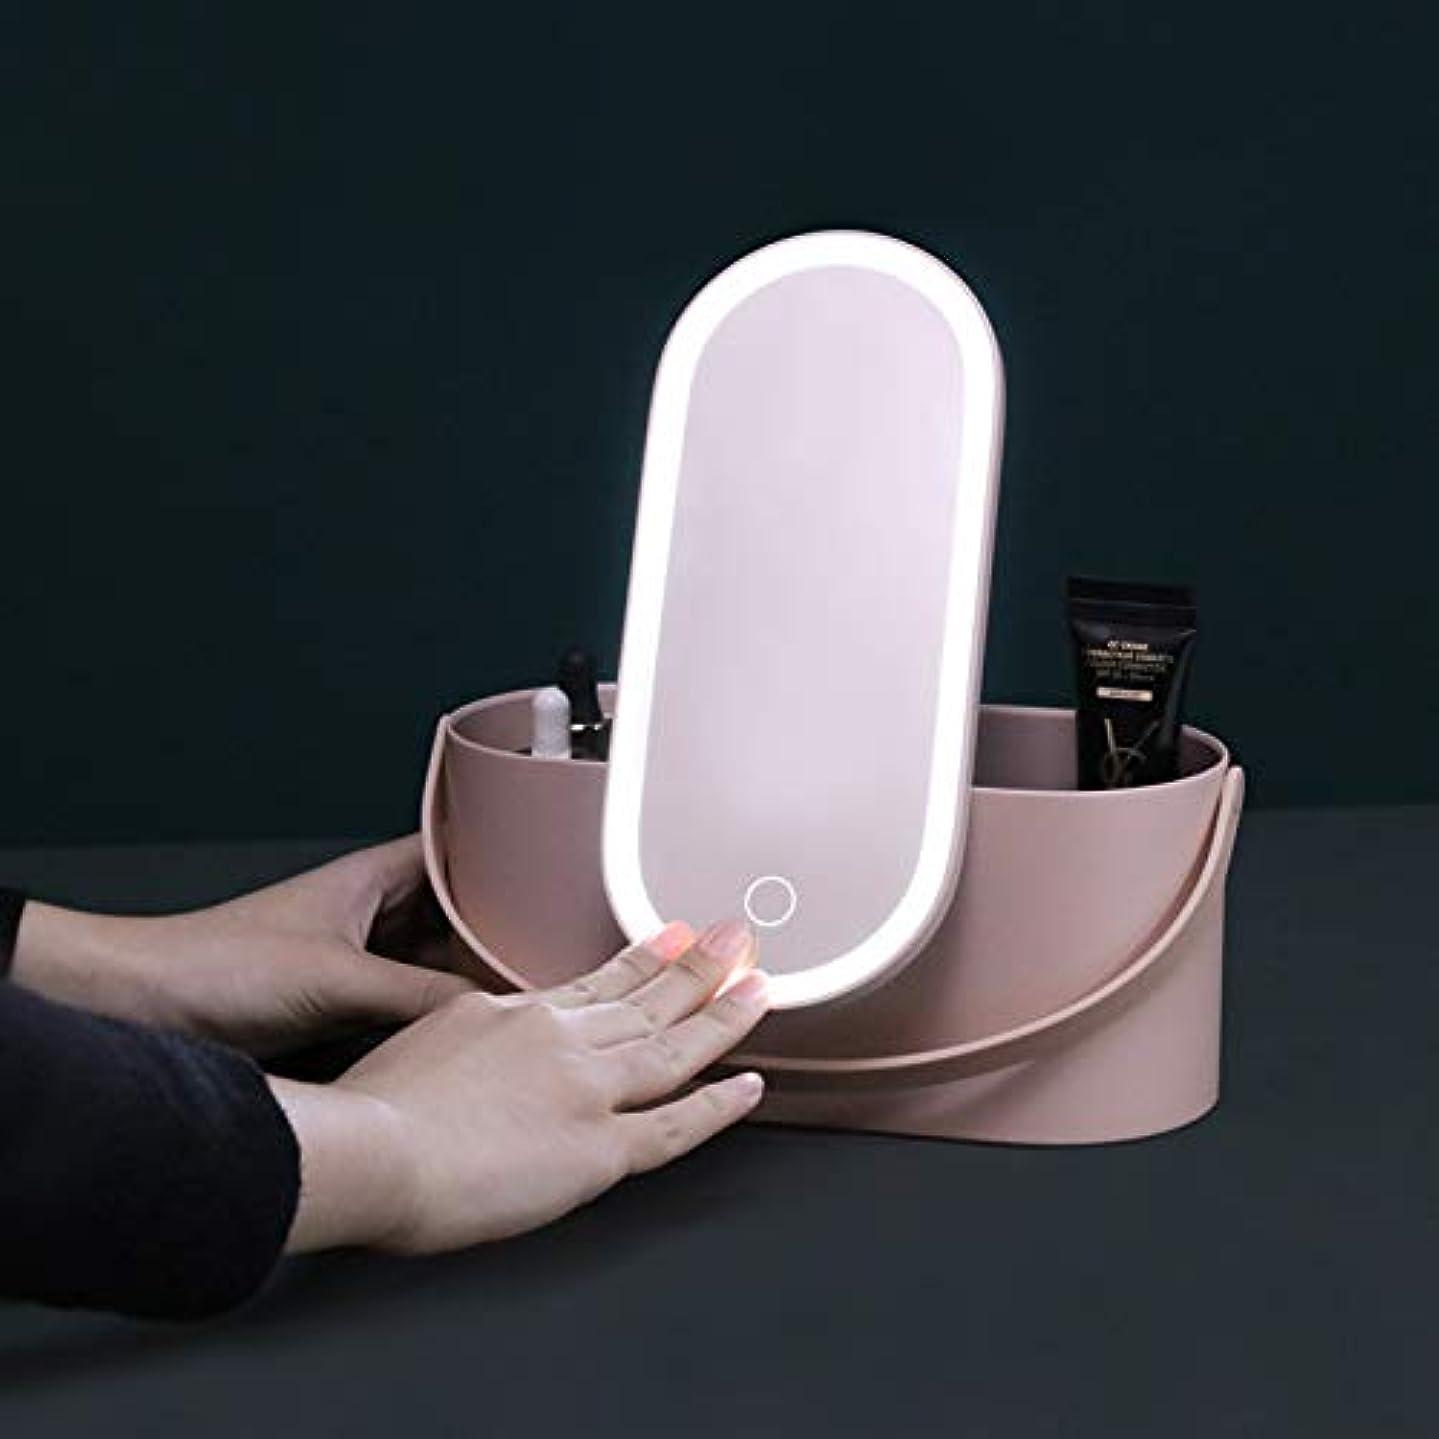 快適感謝している巨大BelleLife 化粧鏡付きの便携式メイクボックス 鏡 卓上化粧品収納ボックス LEDライト付きミラー 明るさ調節可能 180度回転 USB 旅行中にいつでも化粧直し 鏡台として使える (ピンク)